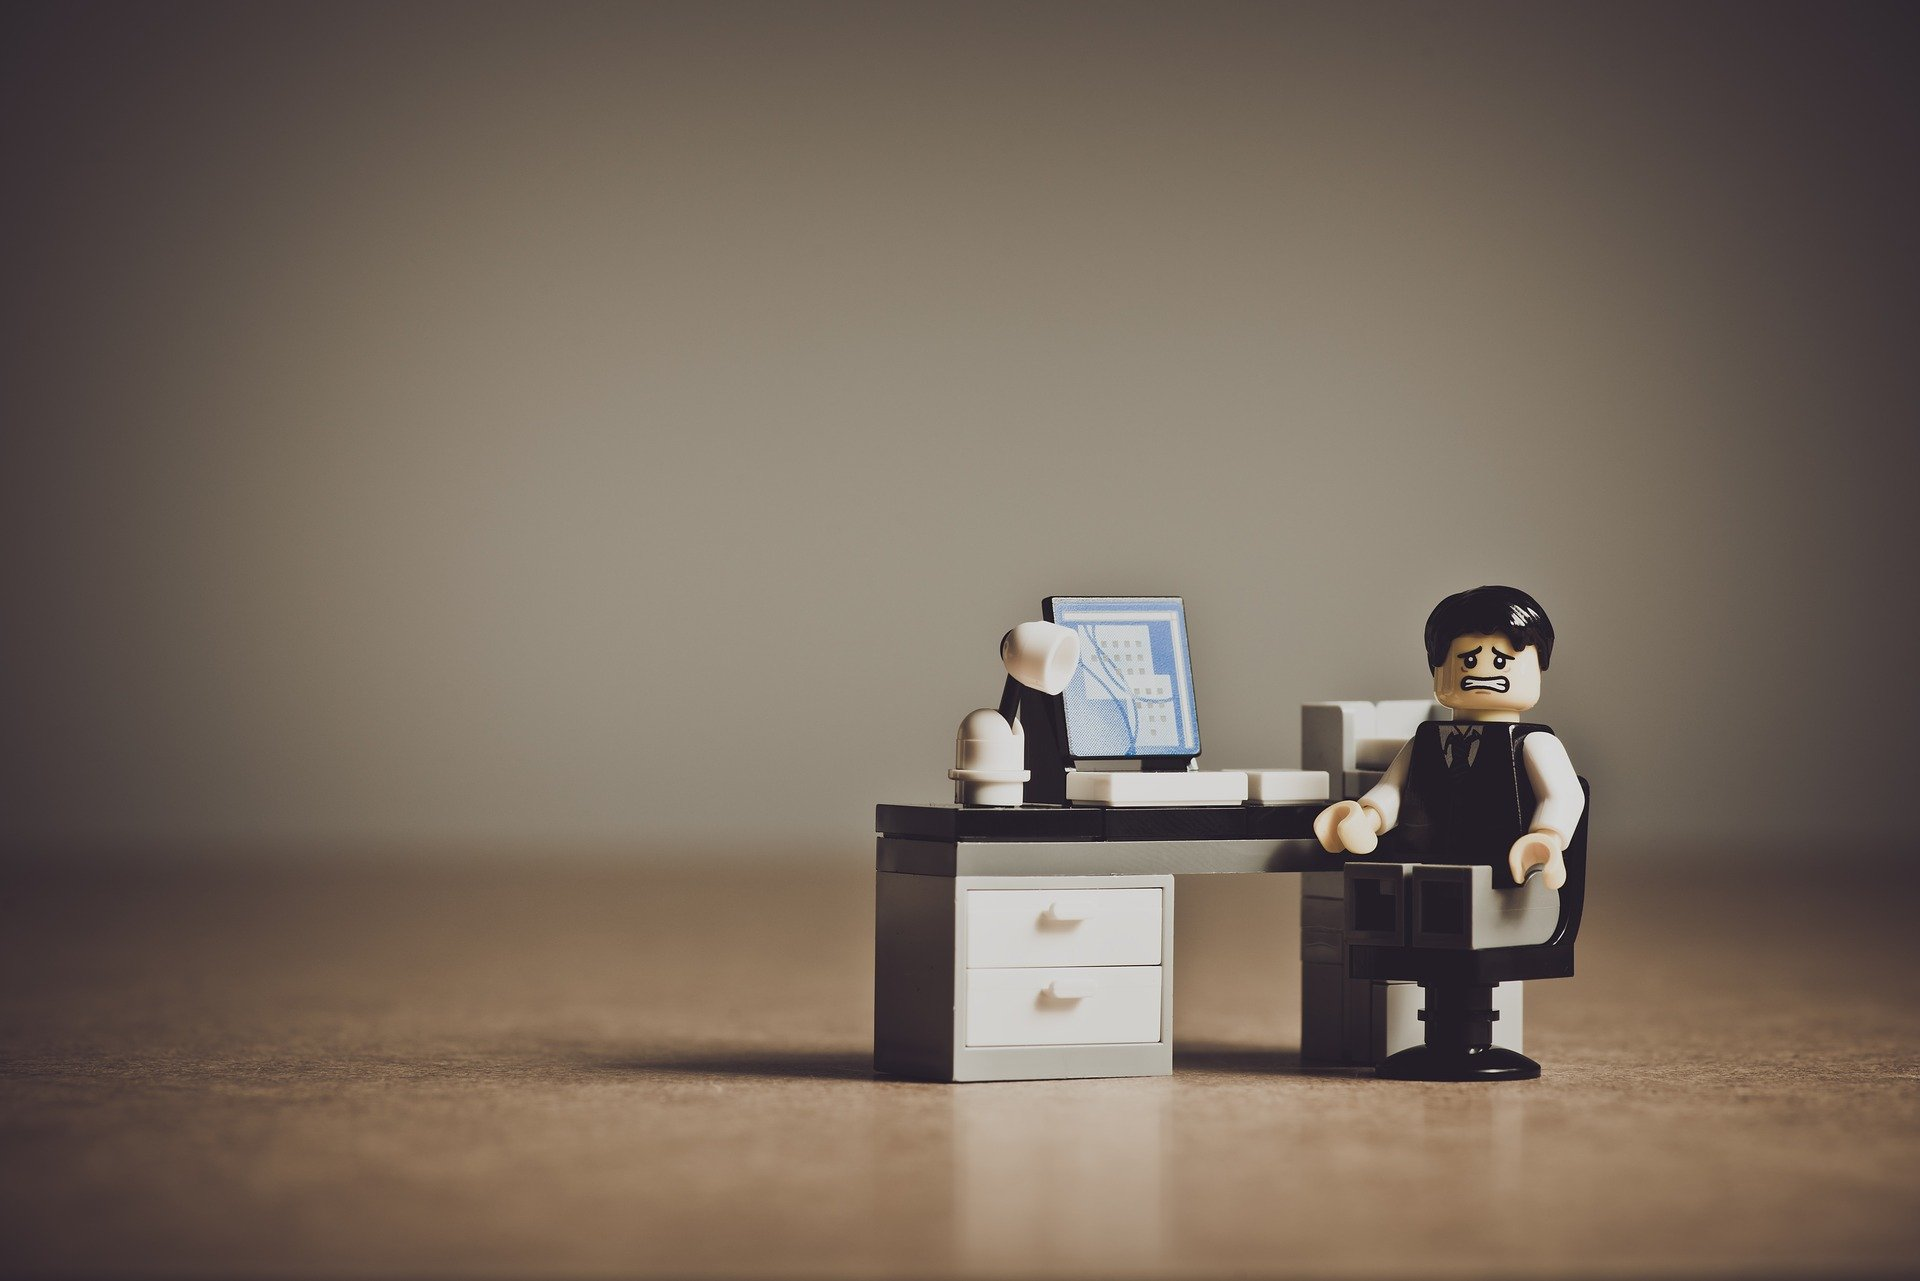 Es mejor estar en la oficina o trabajar desde casa